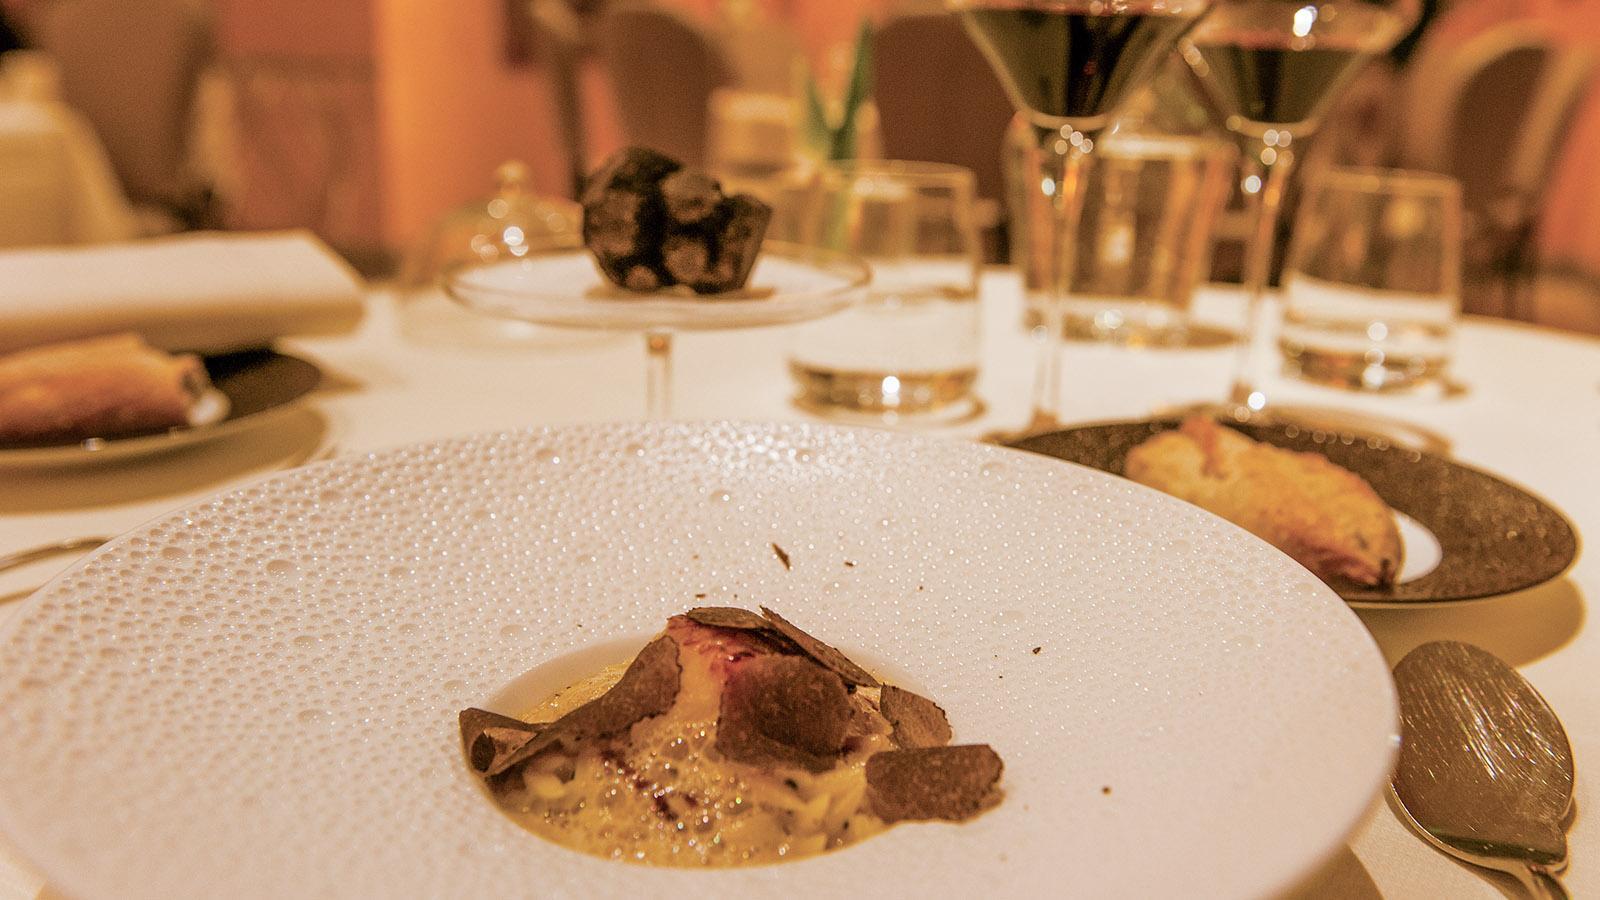 Bruno Chartron. La noix de Saint-Jacques Française grillée, Orzotto truffé, bouillon de légumes emulsioné. Foto: Hilke Maunder